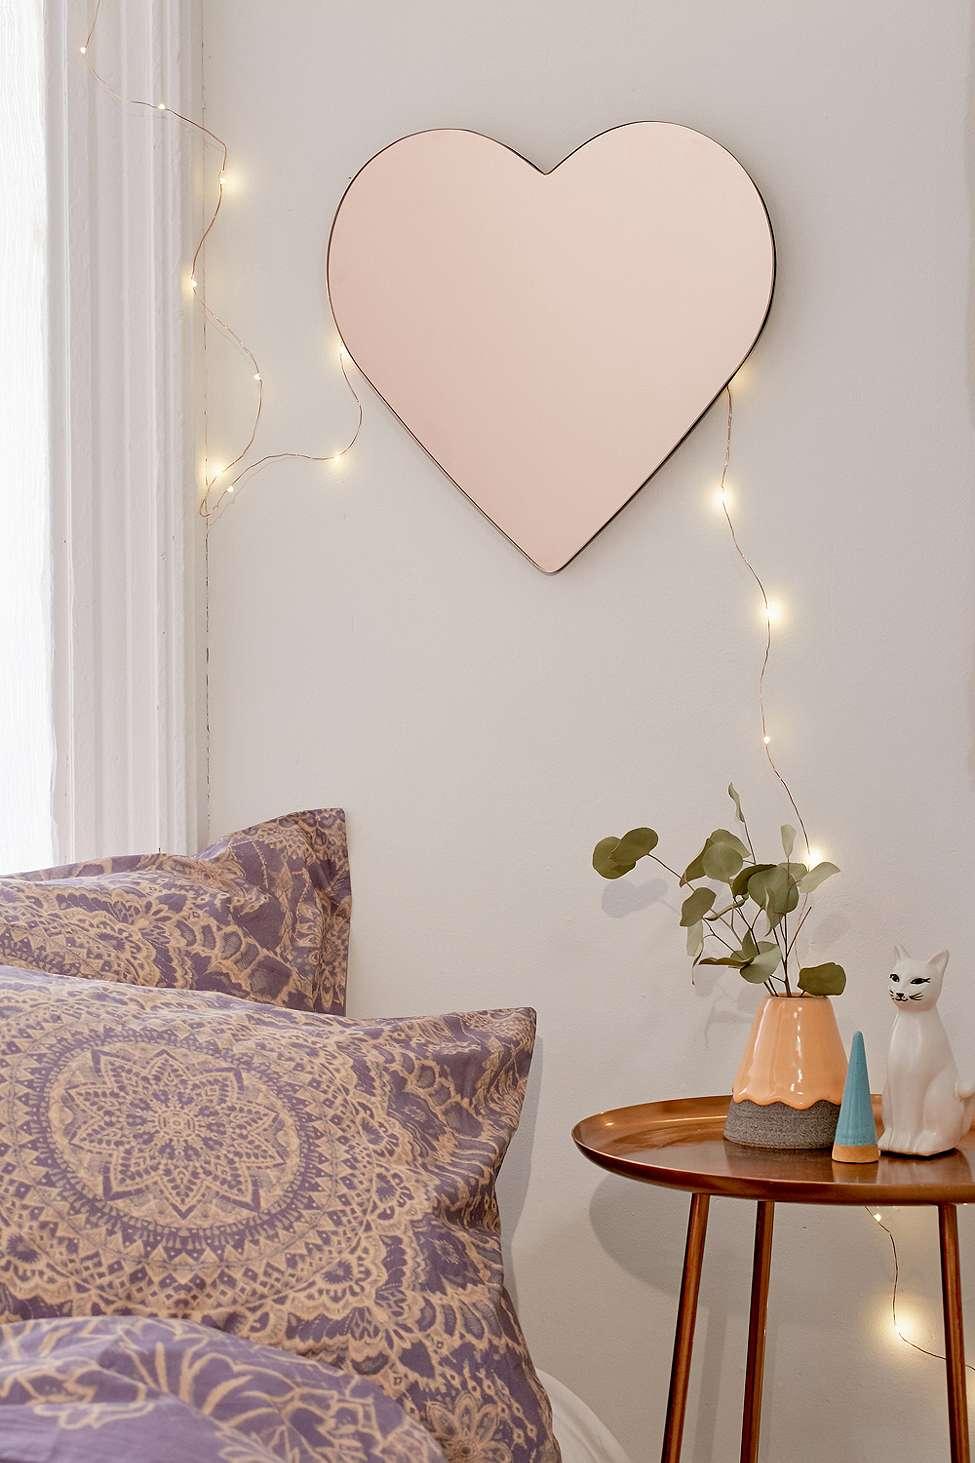 Slide View: 1: Miroir en forme de cœur